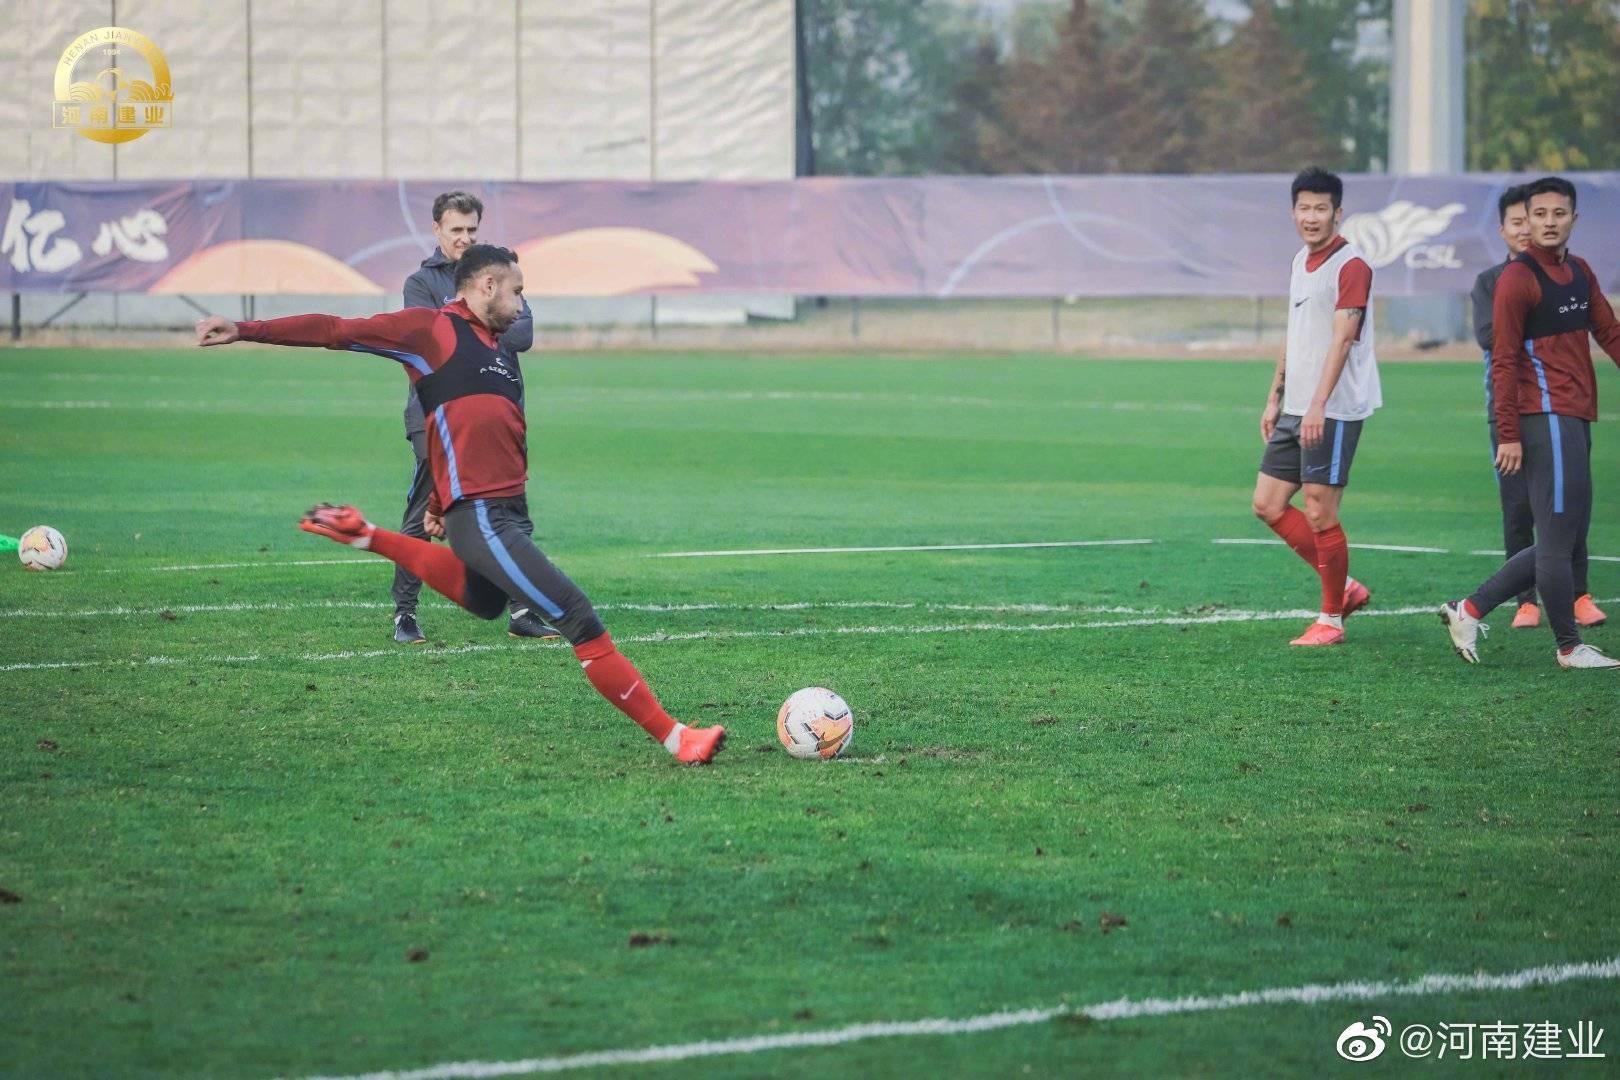 河南建业足球队球员备战保级组第2轮与武汉卓尔的比赛